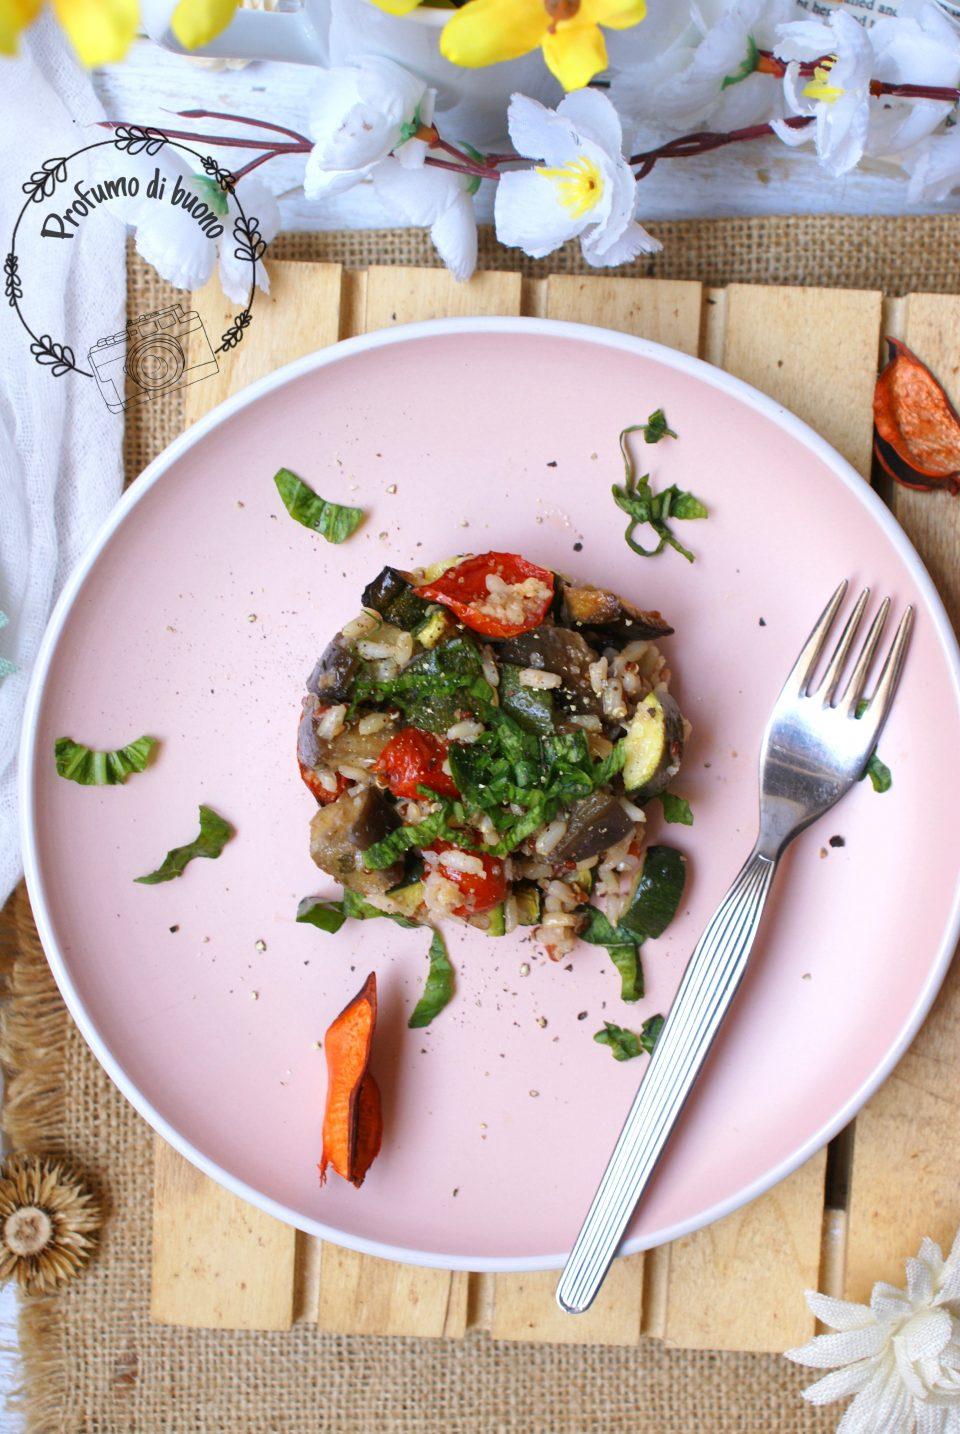 Insalata di cereali integrali con verdure e ortaggi gratinati e basilico tritato